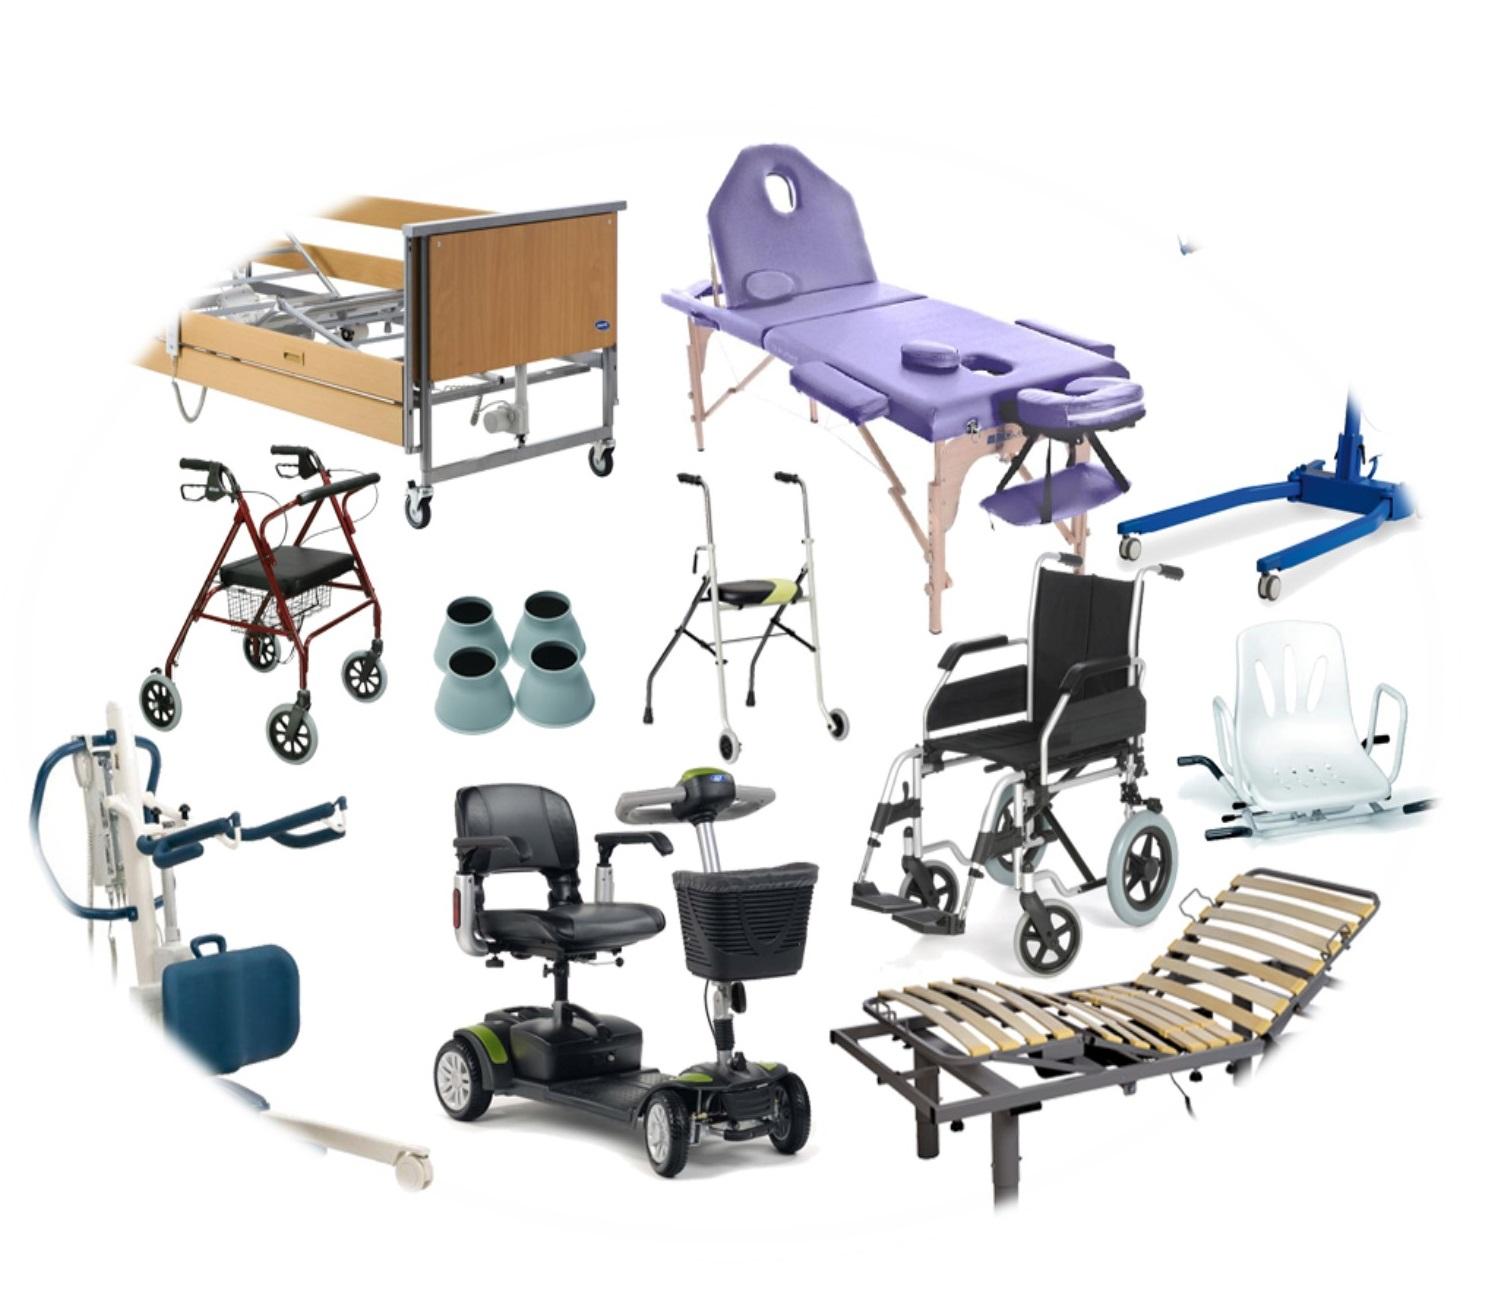 productos de apoyo y de ortopedia